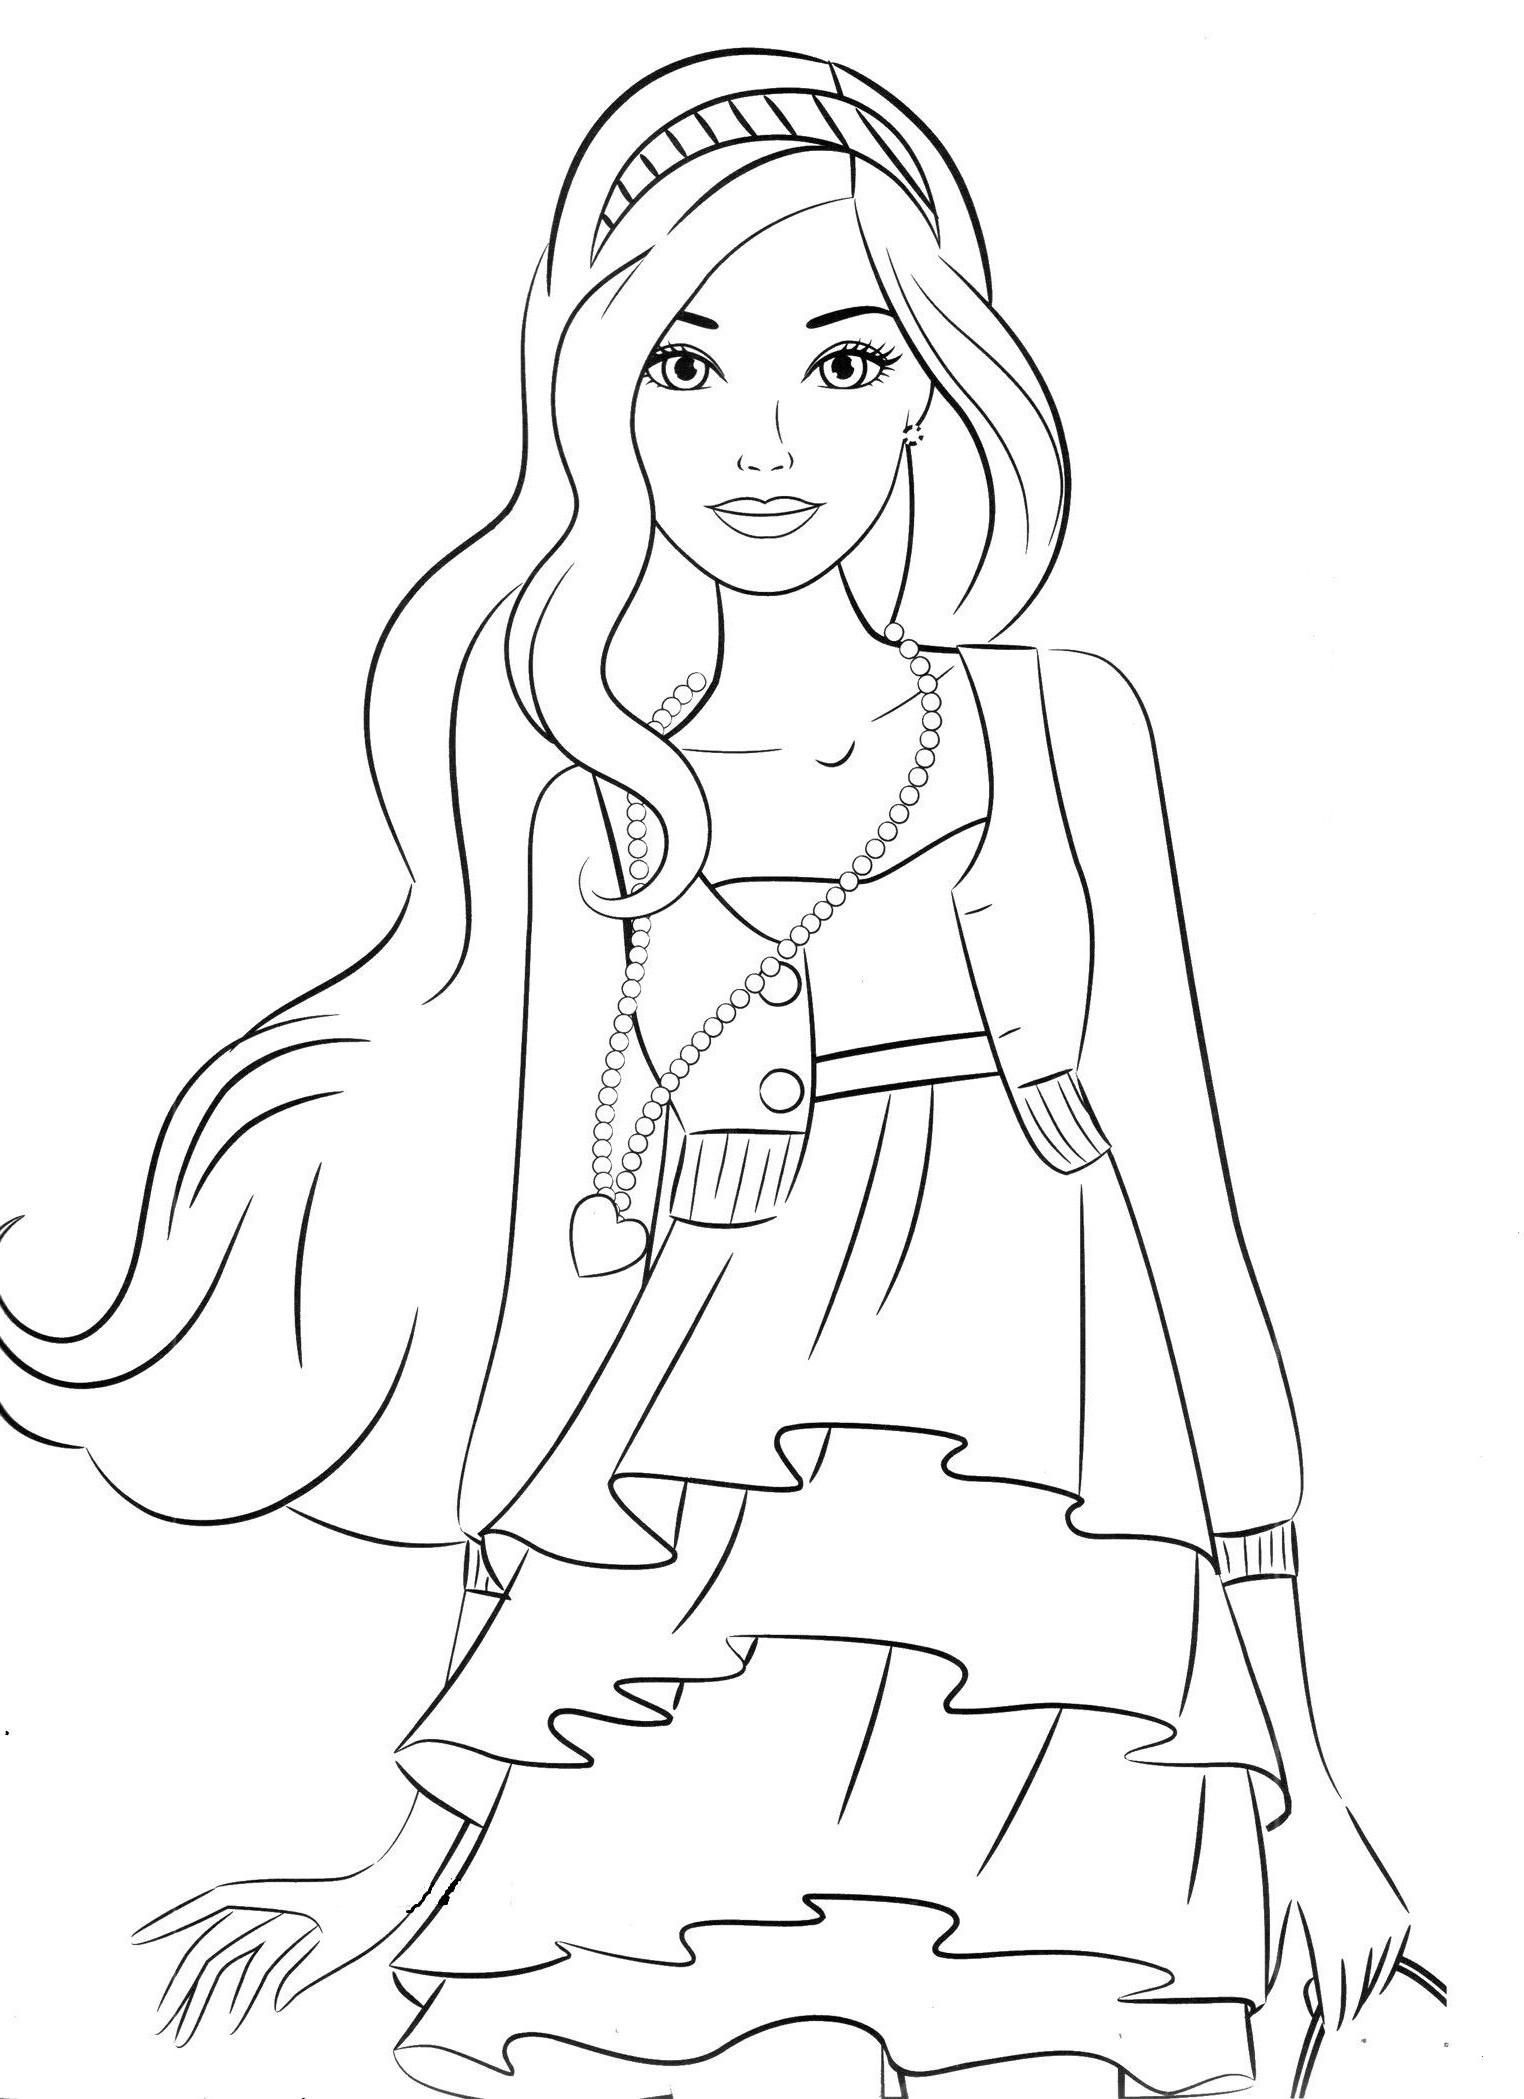 Ausmalbilder Barbie Meerjungfrau Frisch 35 Lecker Ausmalbild Barbie – Malvorlagen Ideen Bilder